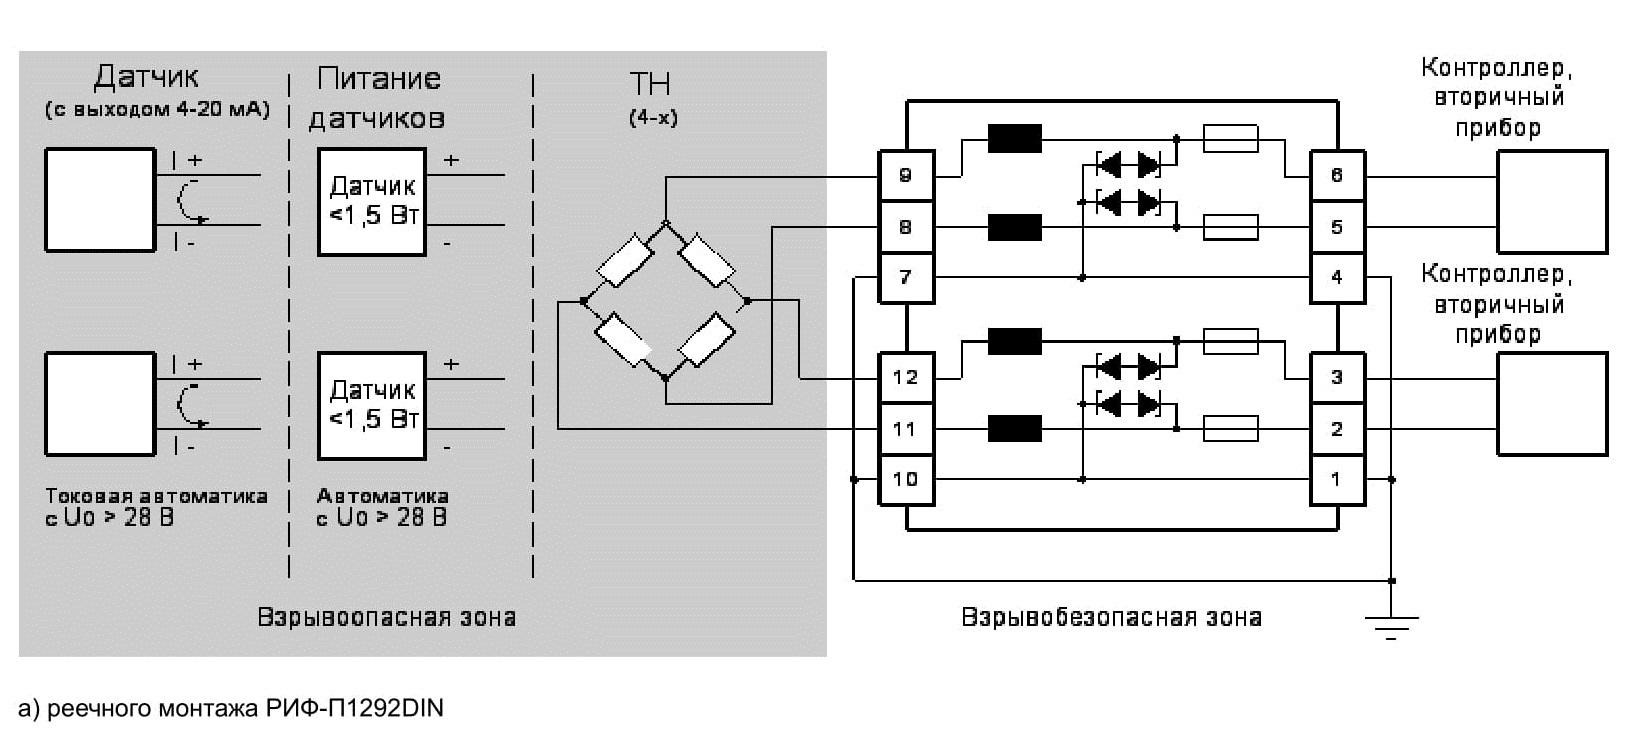 Схема подключения шлагбаума барьер 5000